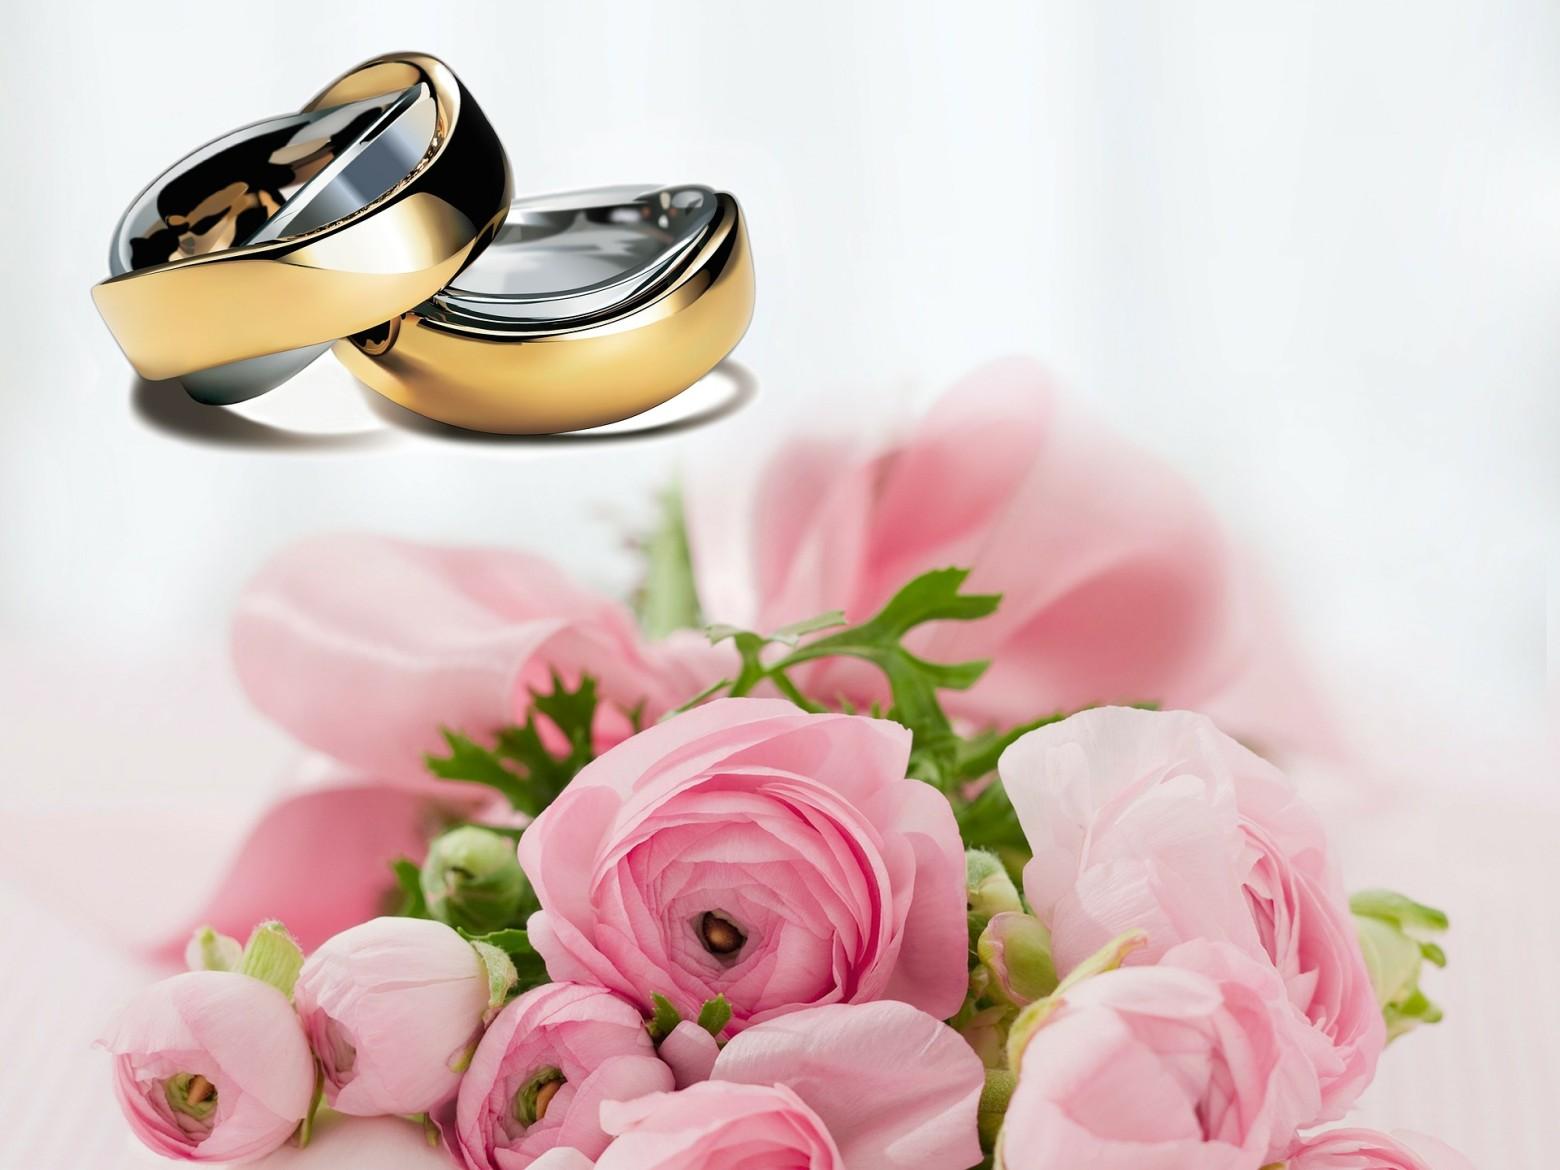 bague de mariage fiançaille  images gratuites et libres de droits